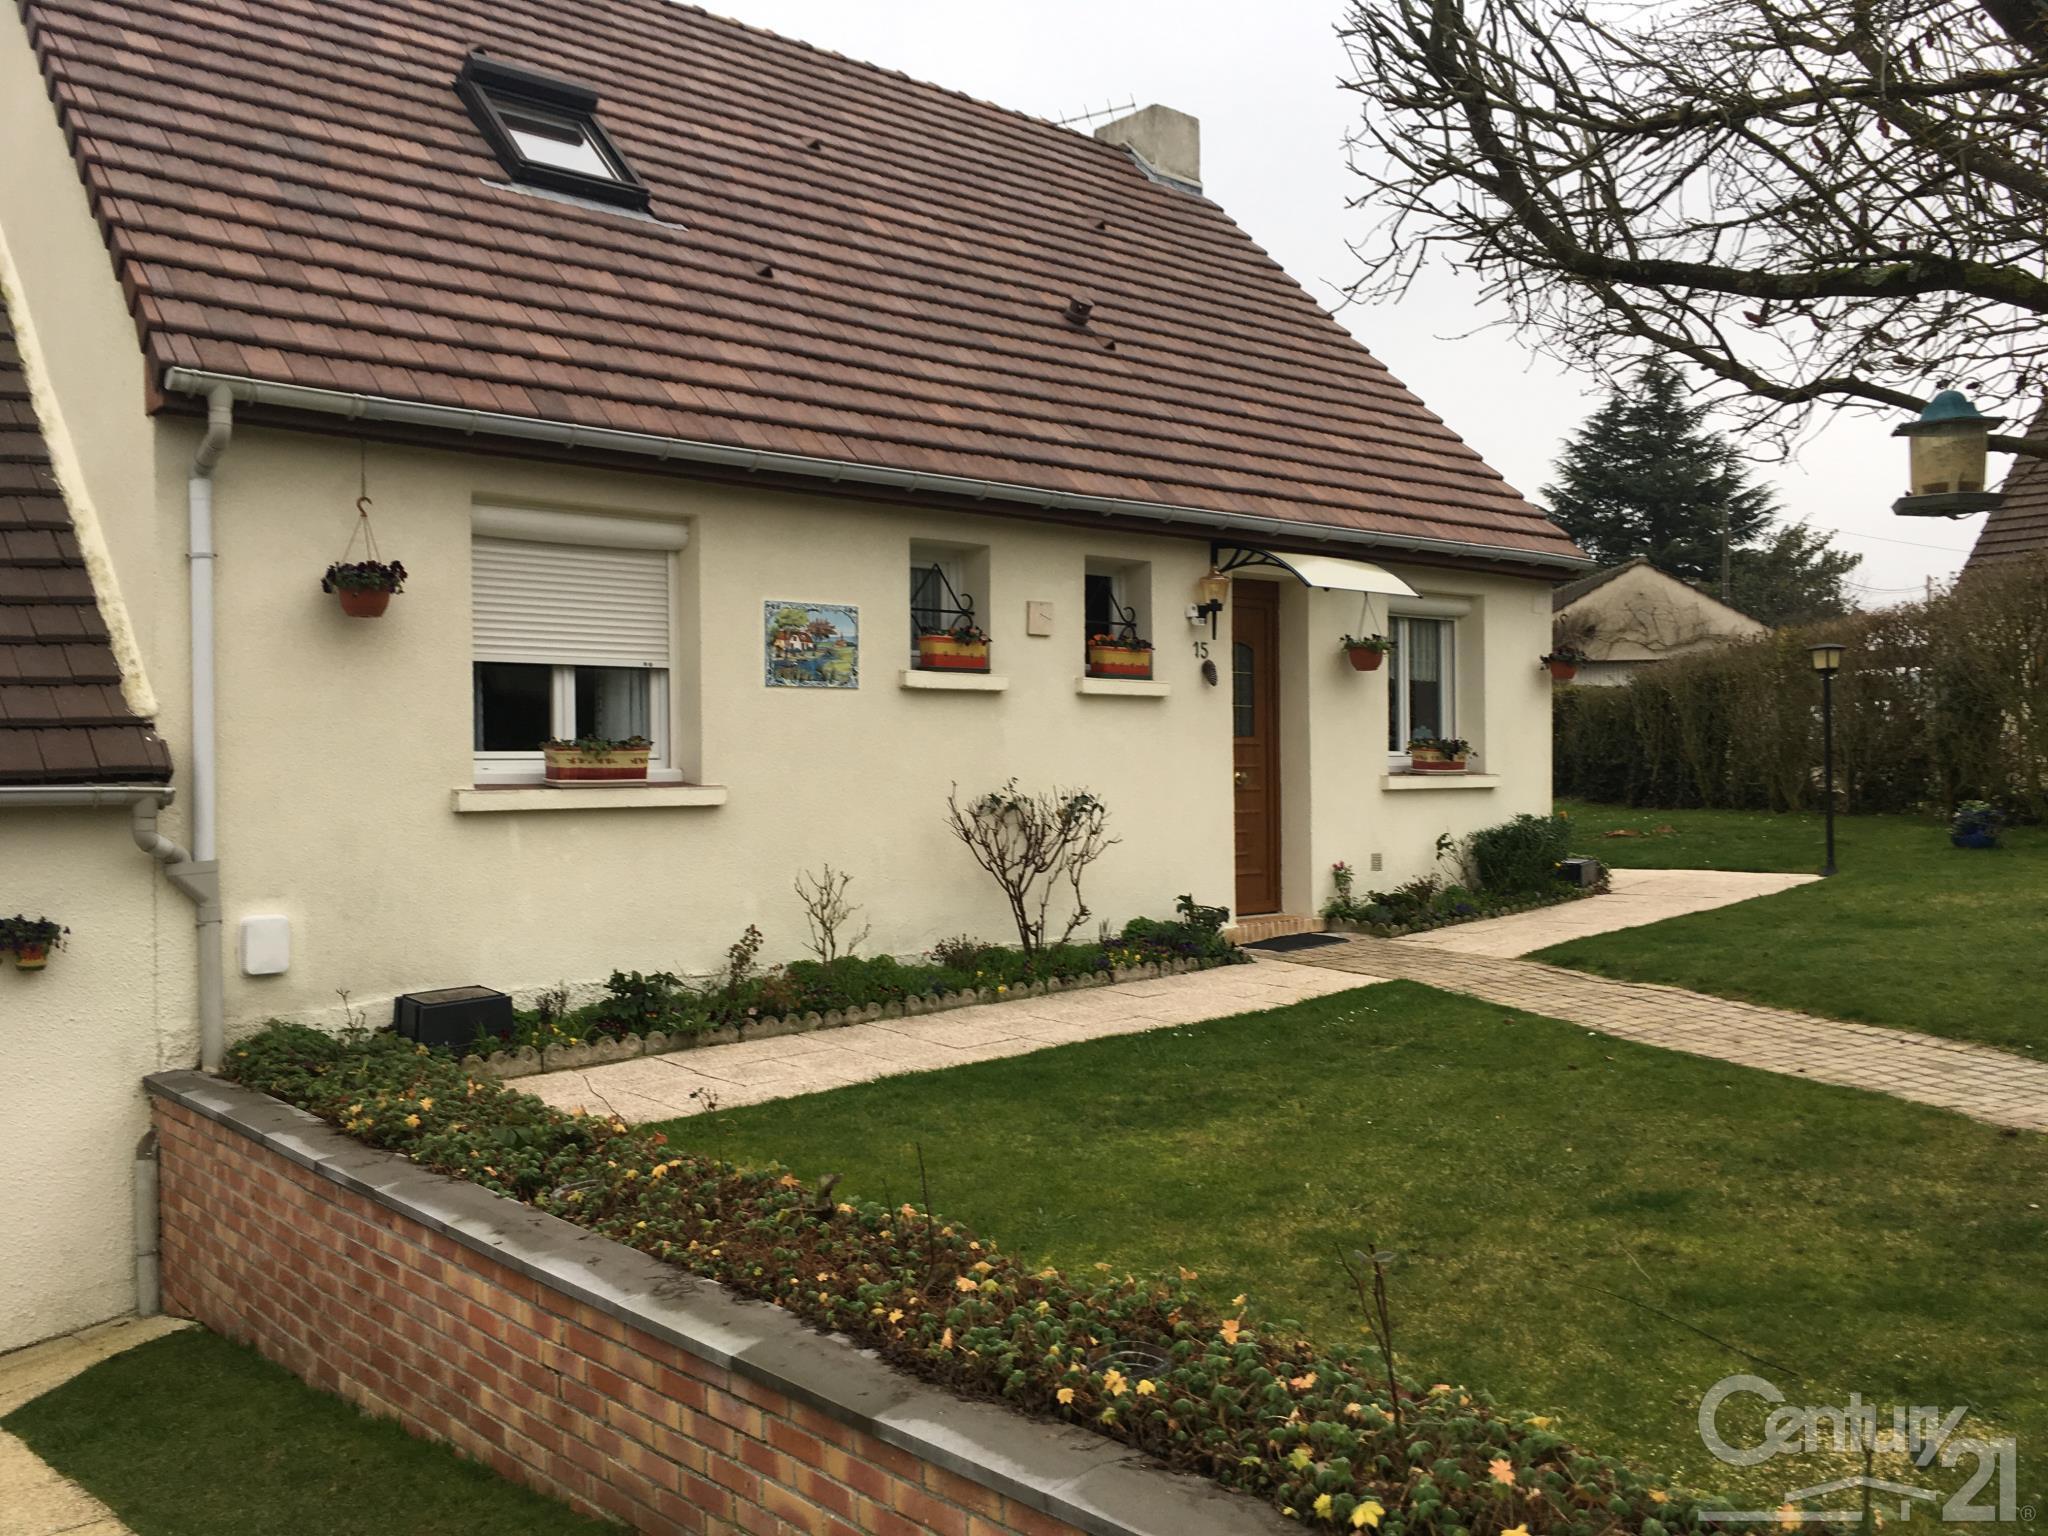 Maison picardie amazing maison vendre bellancourt pices m for Achat maison picardie